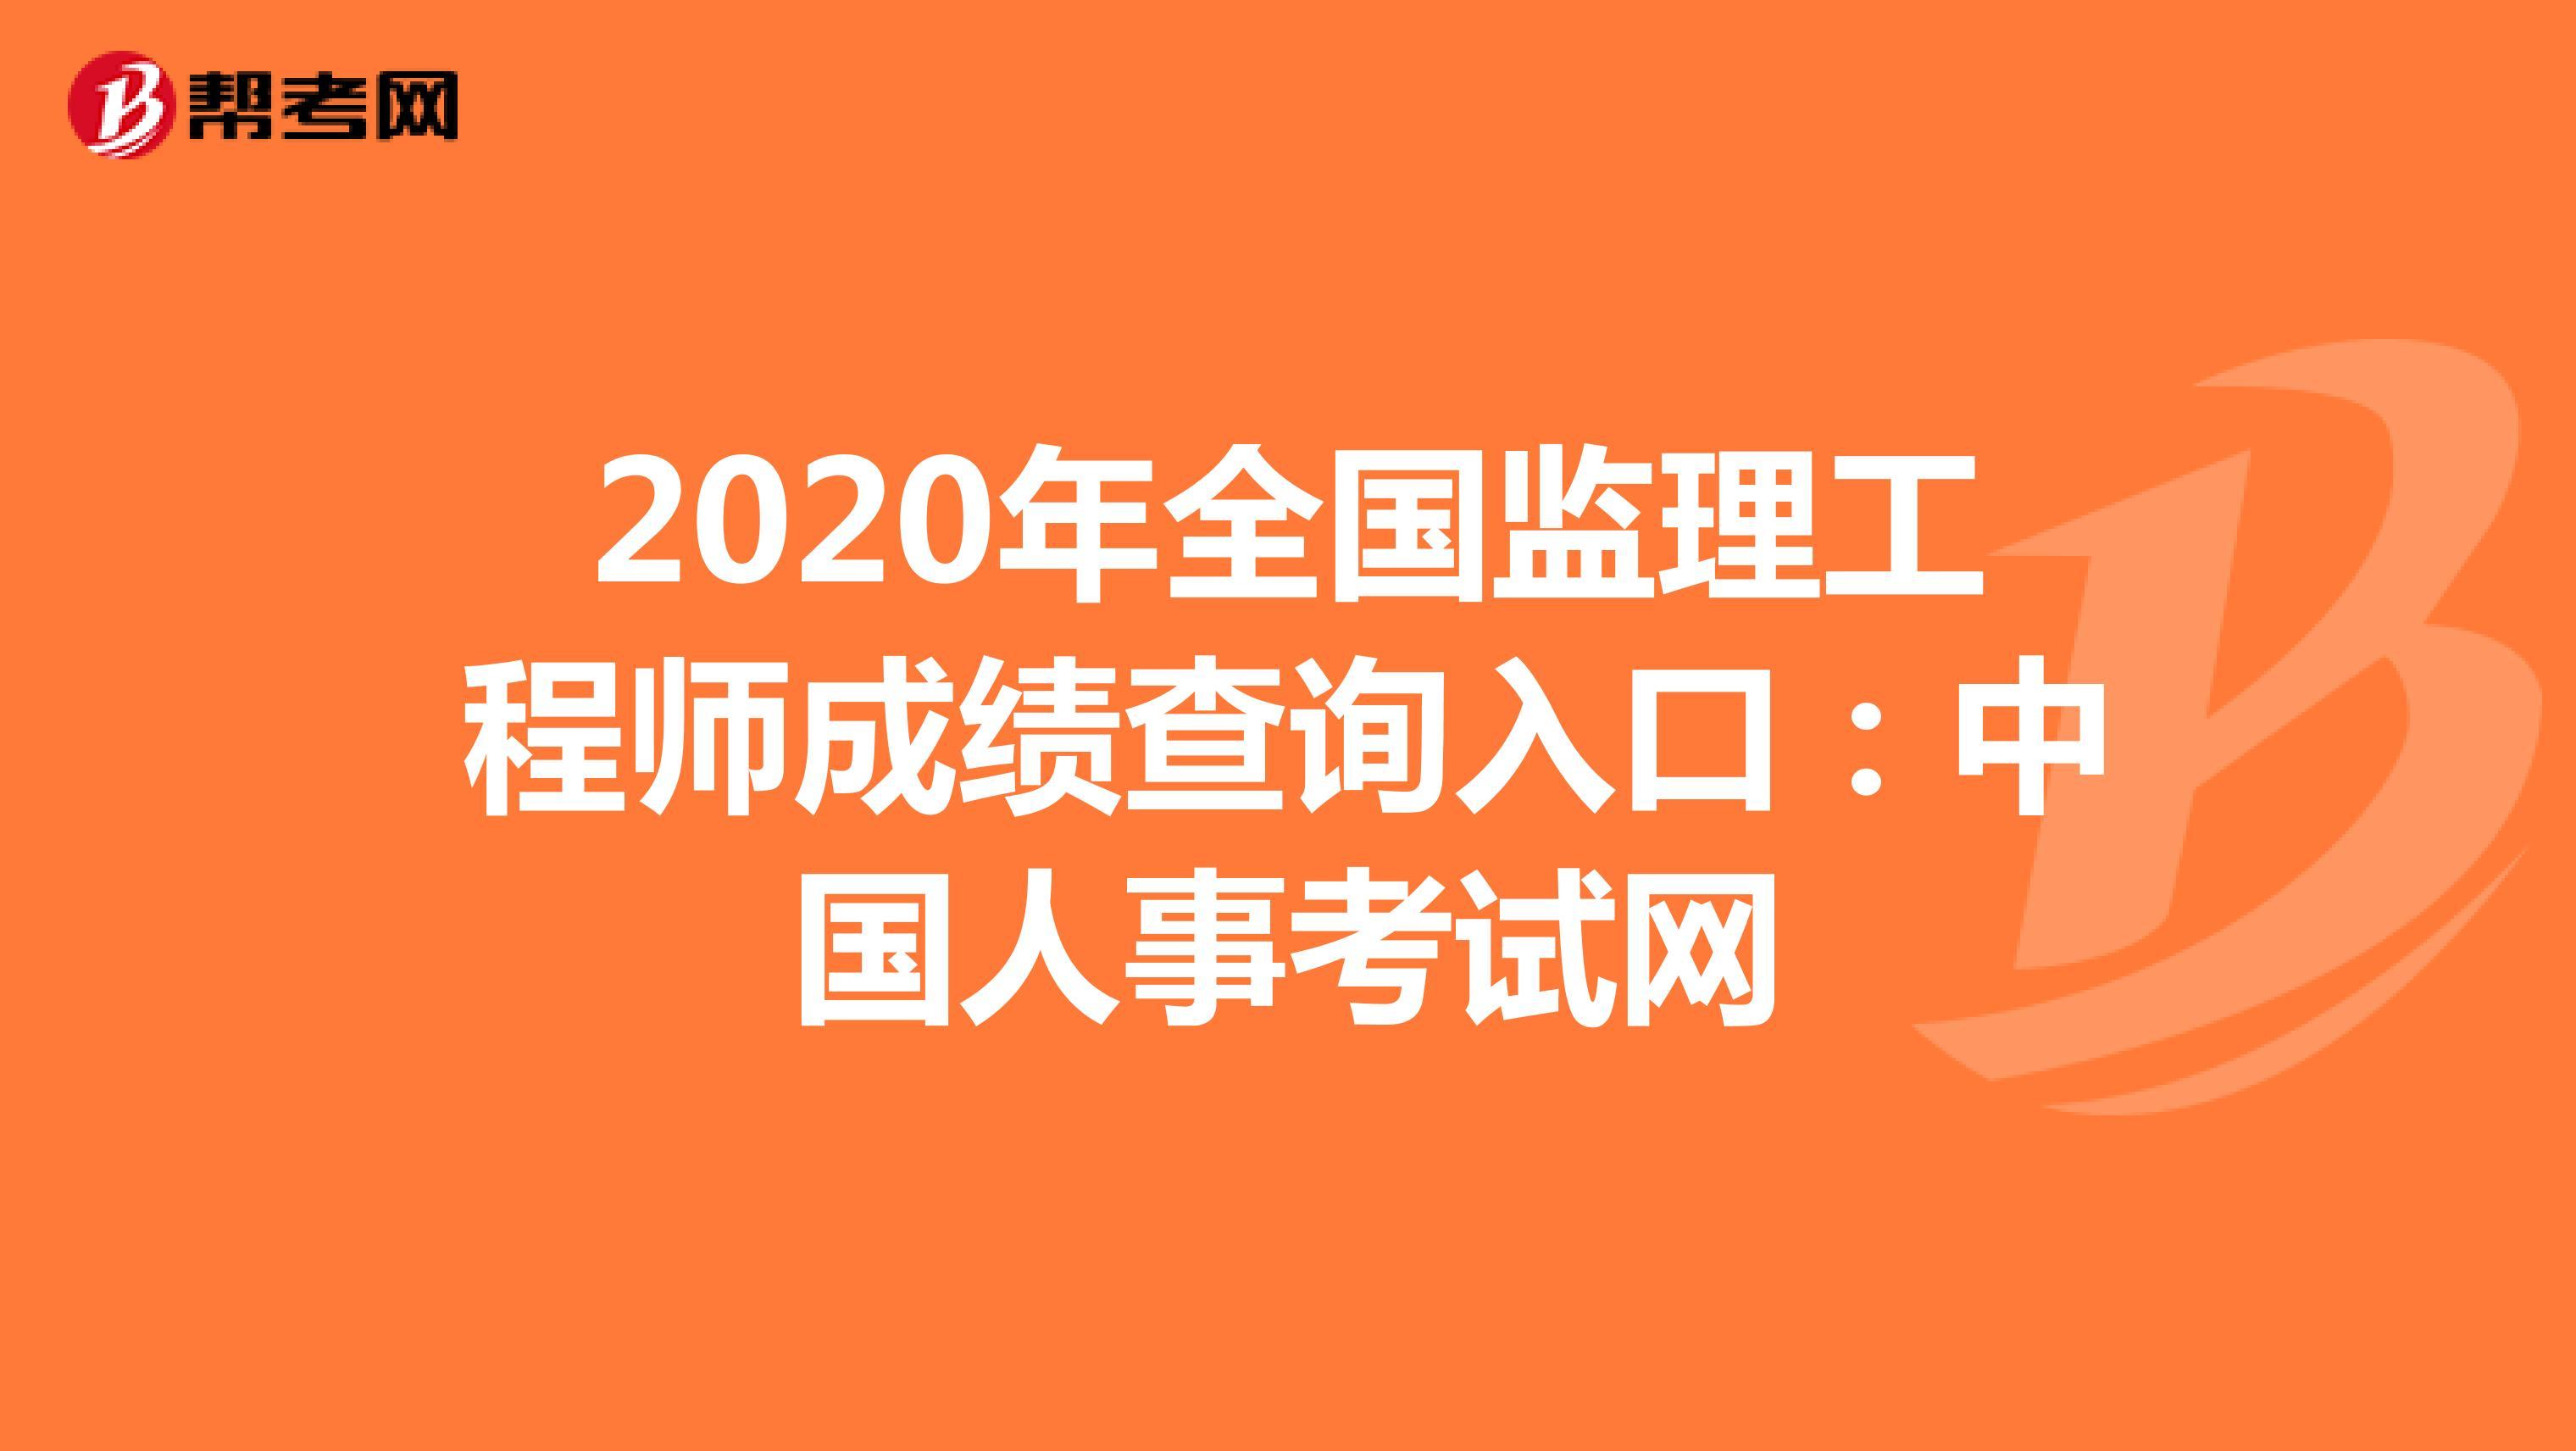 2020年全国监理工程师成绩查询入口:中国人事考试网